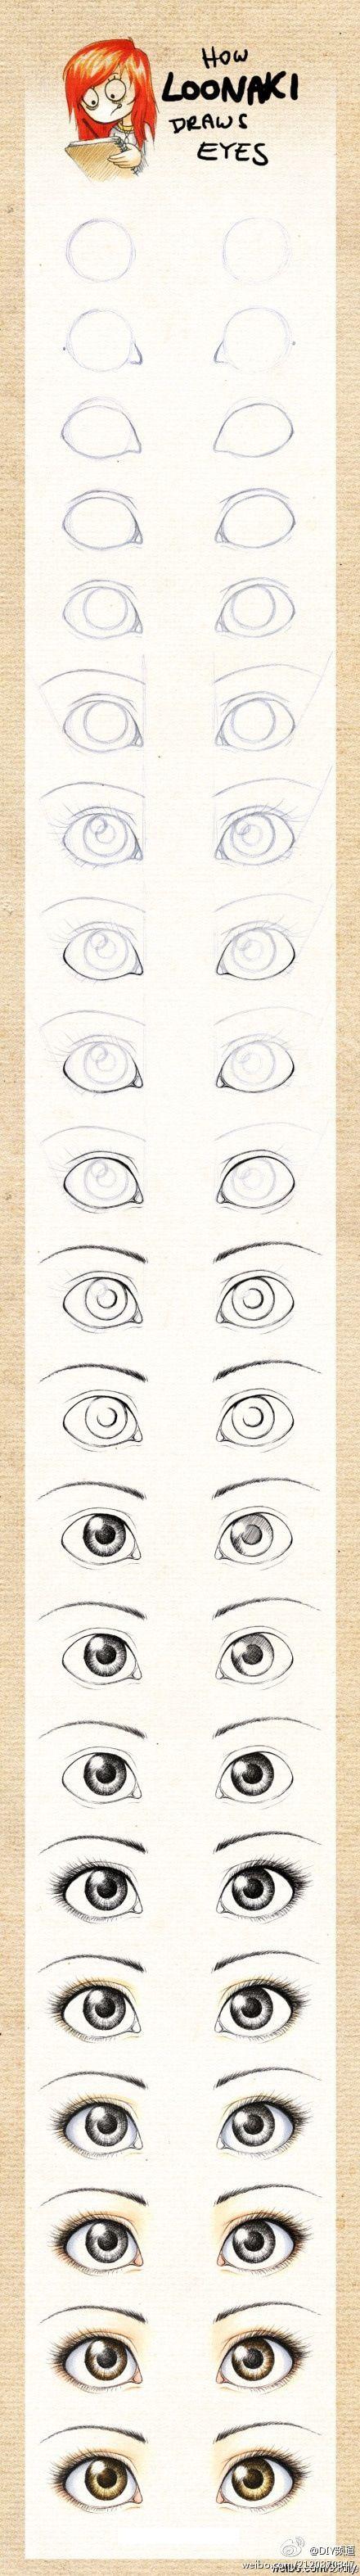 Eyes Más